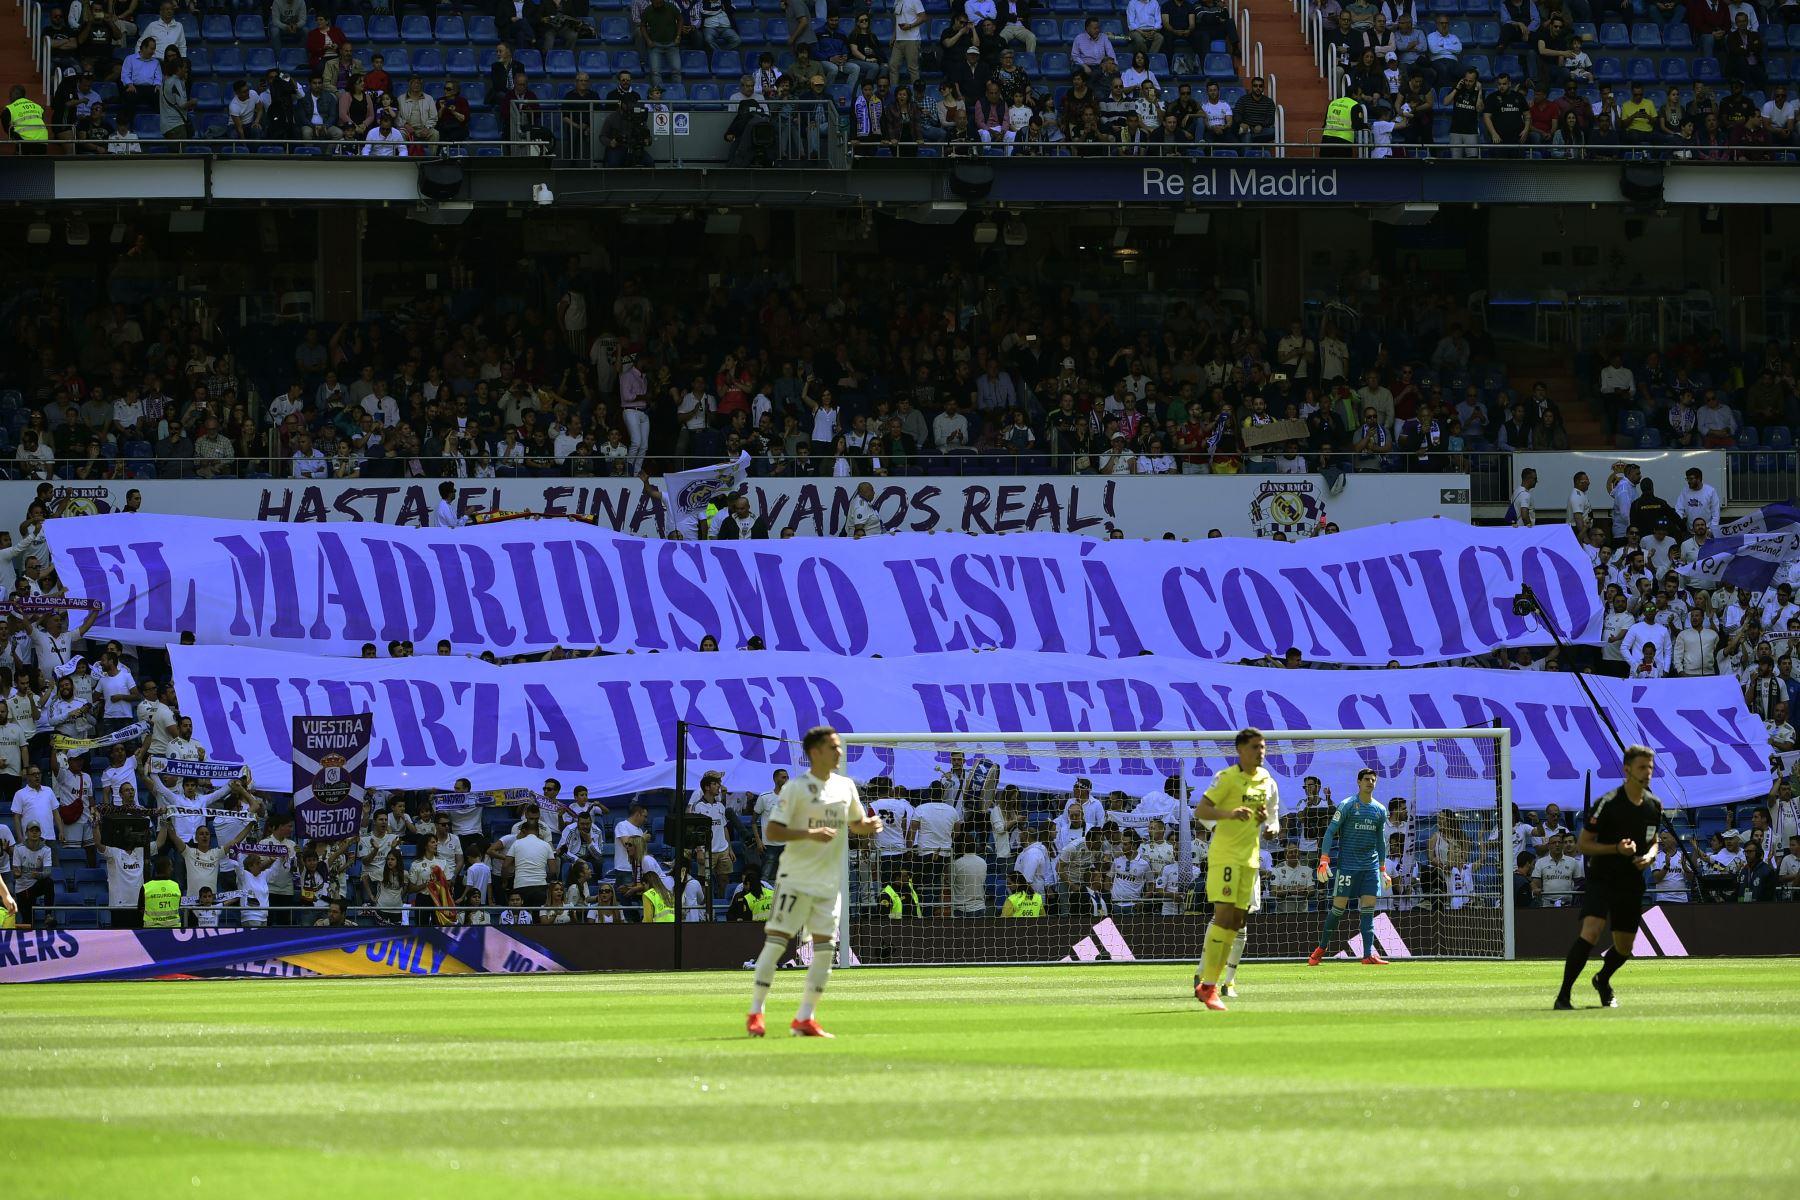 """Los fanáticos del Real Madrid despliegan una pancarta que dice """"Los fanáticos del Real Madrid contigo, sé fuerte Iker, capitán eterno"""" en apoyo del portero español del Porto, Iker Casillas, durante el partido de fútbol de la liga española entre el Real Madrid CF y el Villarreal CF . Foto:AFP"""